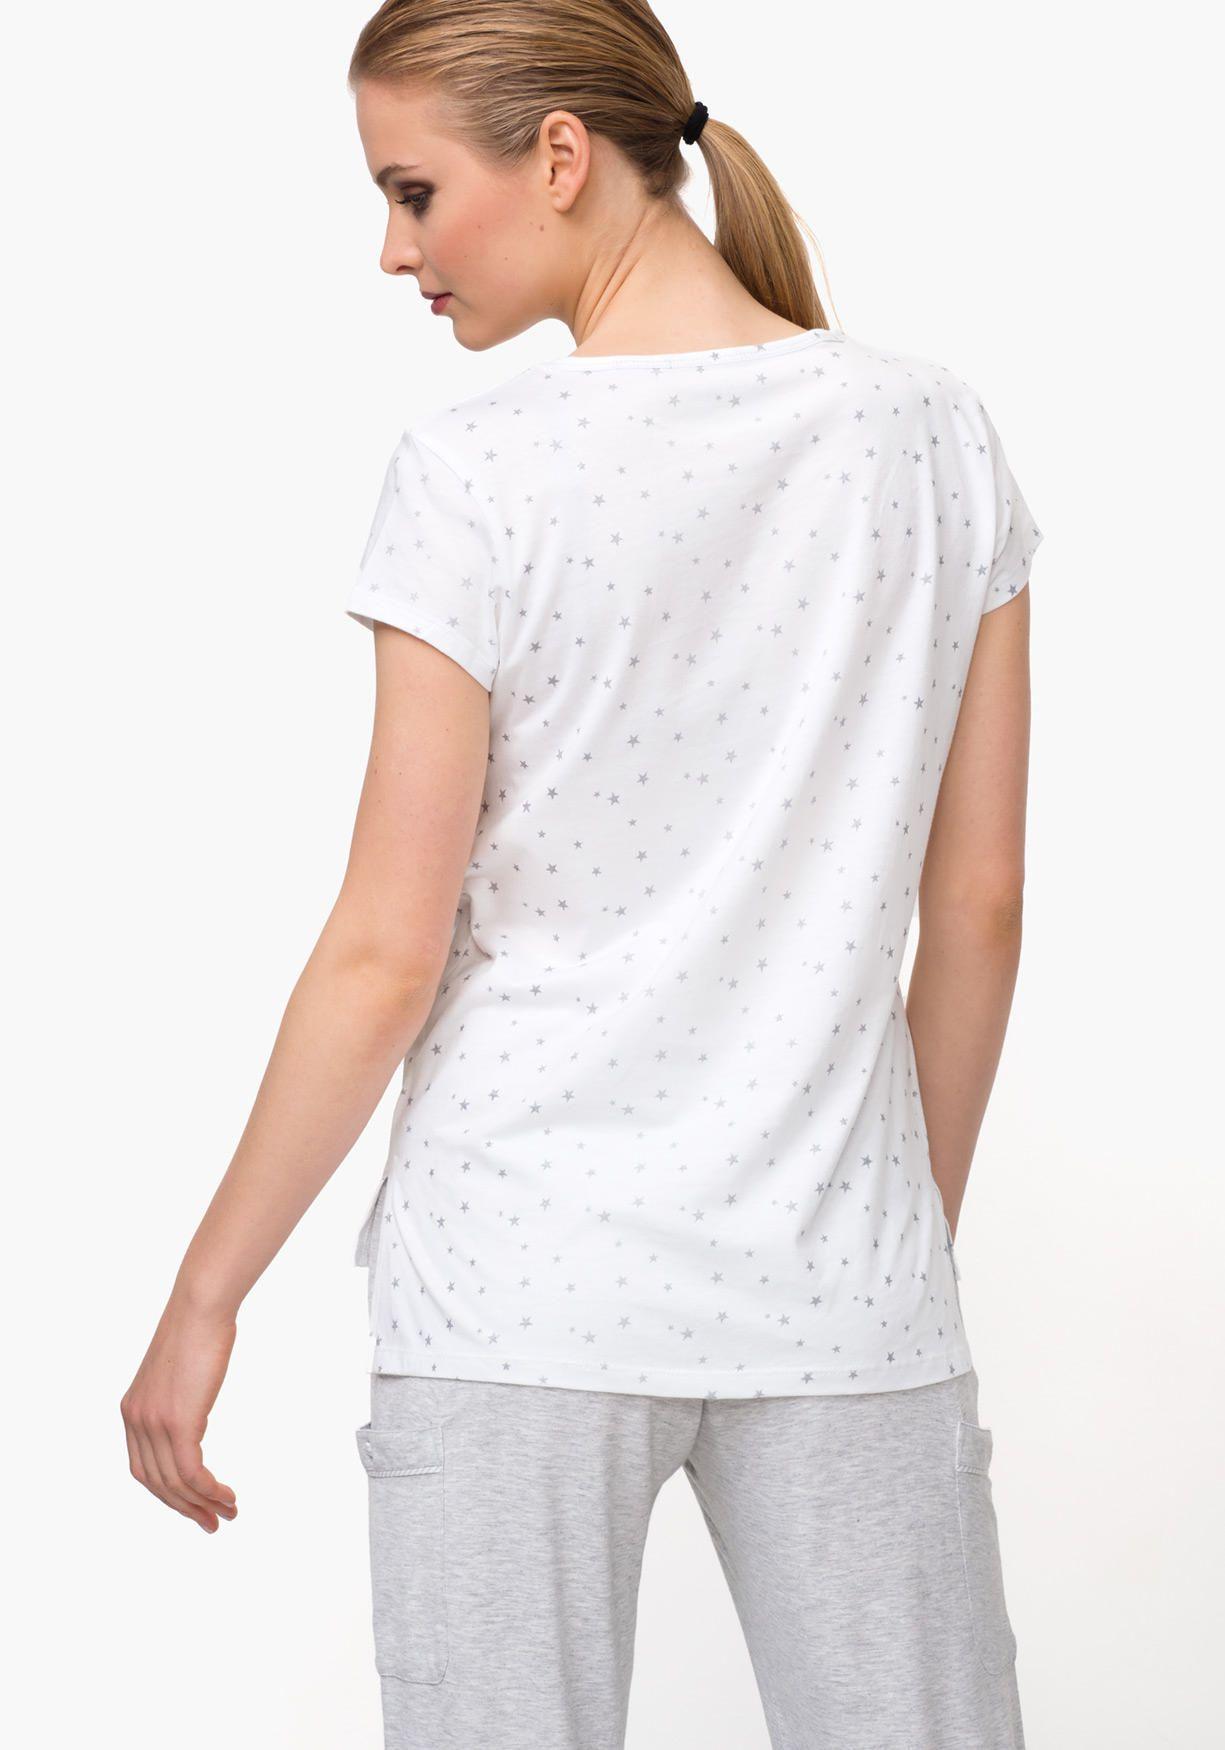 Comprar Camiseta lencería de mujer estrellas TEX. ¡Aprovéchate de ... ecaeebce768d